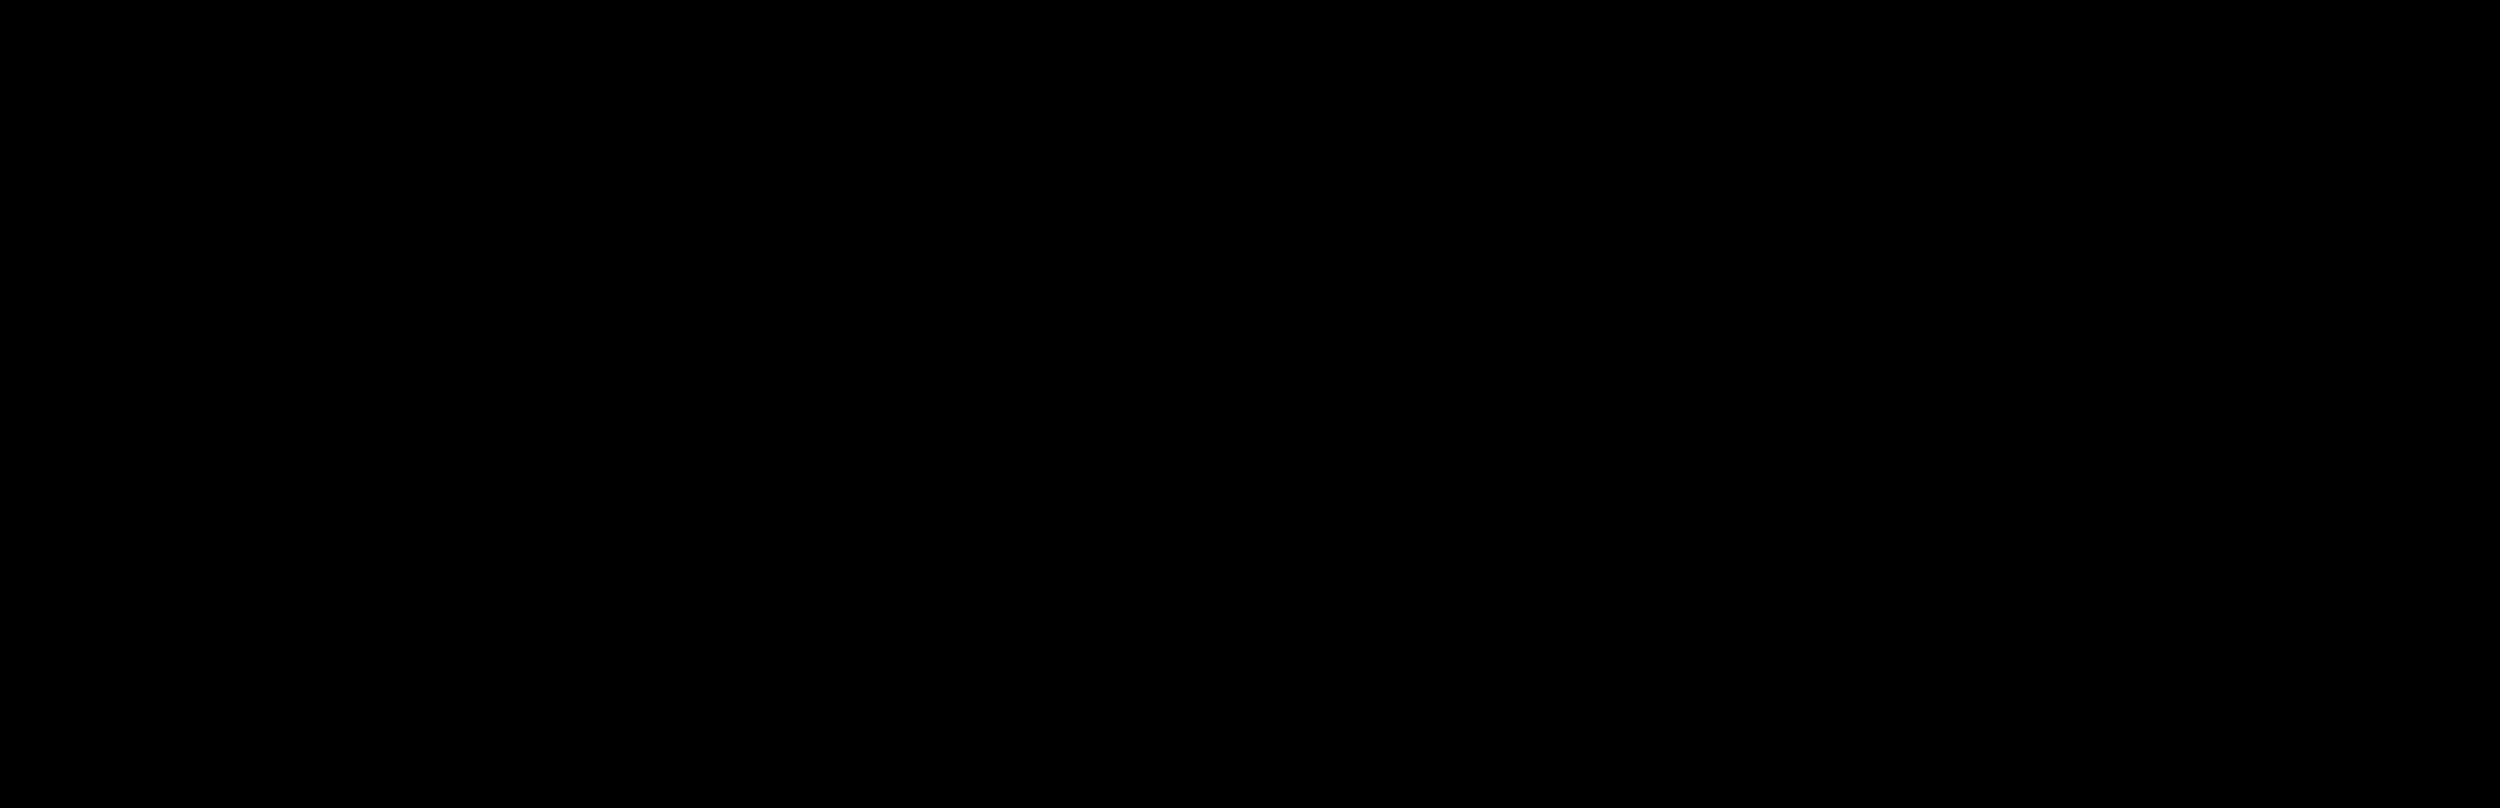 logo-white-big[6256].png